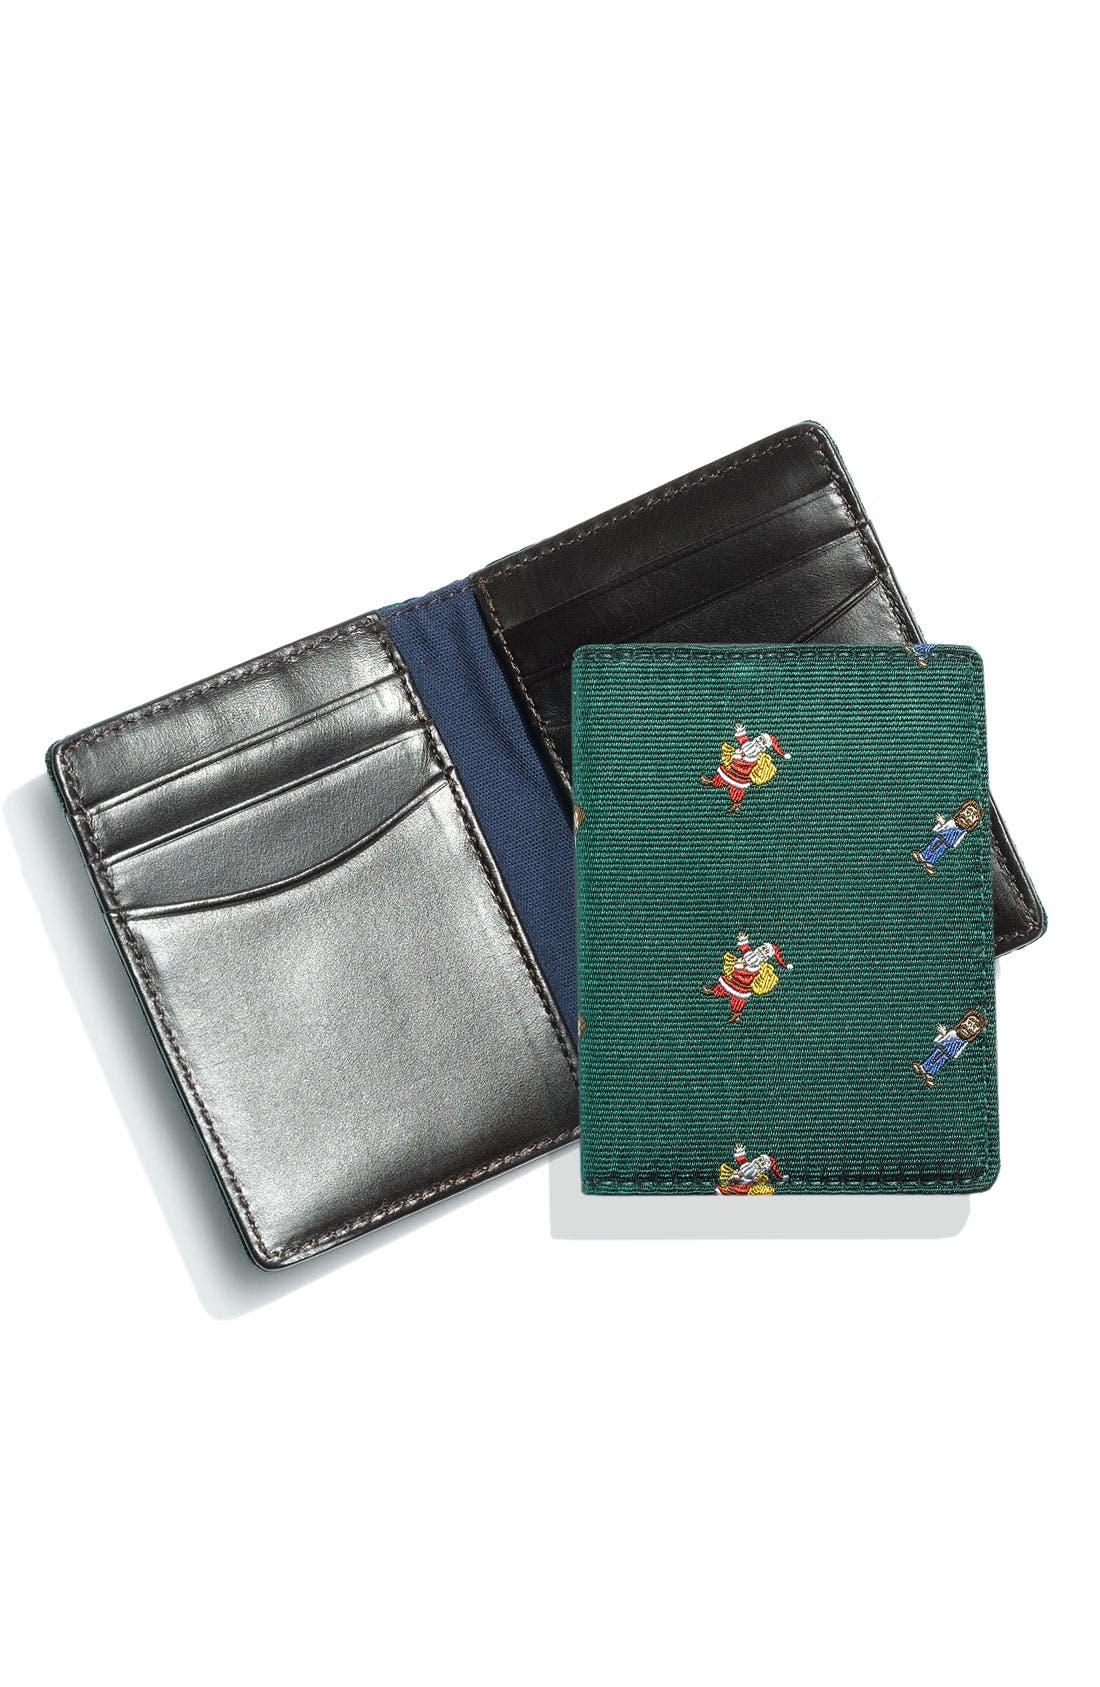 JACK SPADE 'Silk Club' Vertical Wallet, Main, color, 960